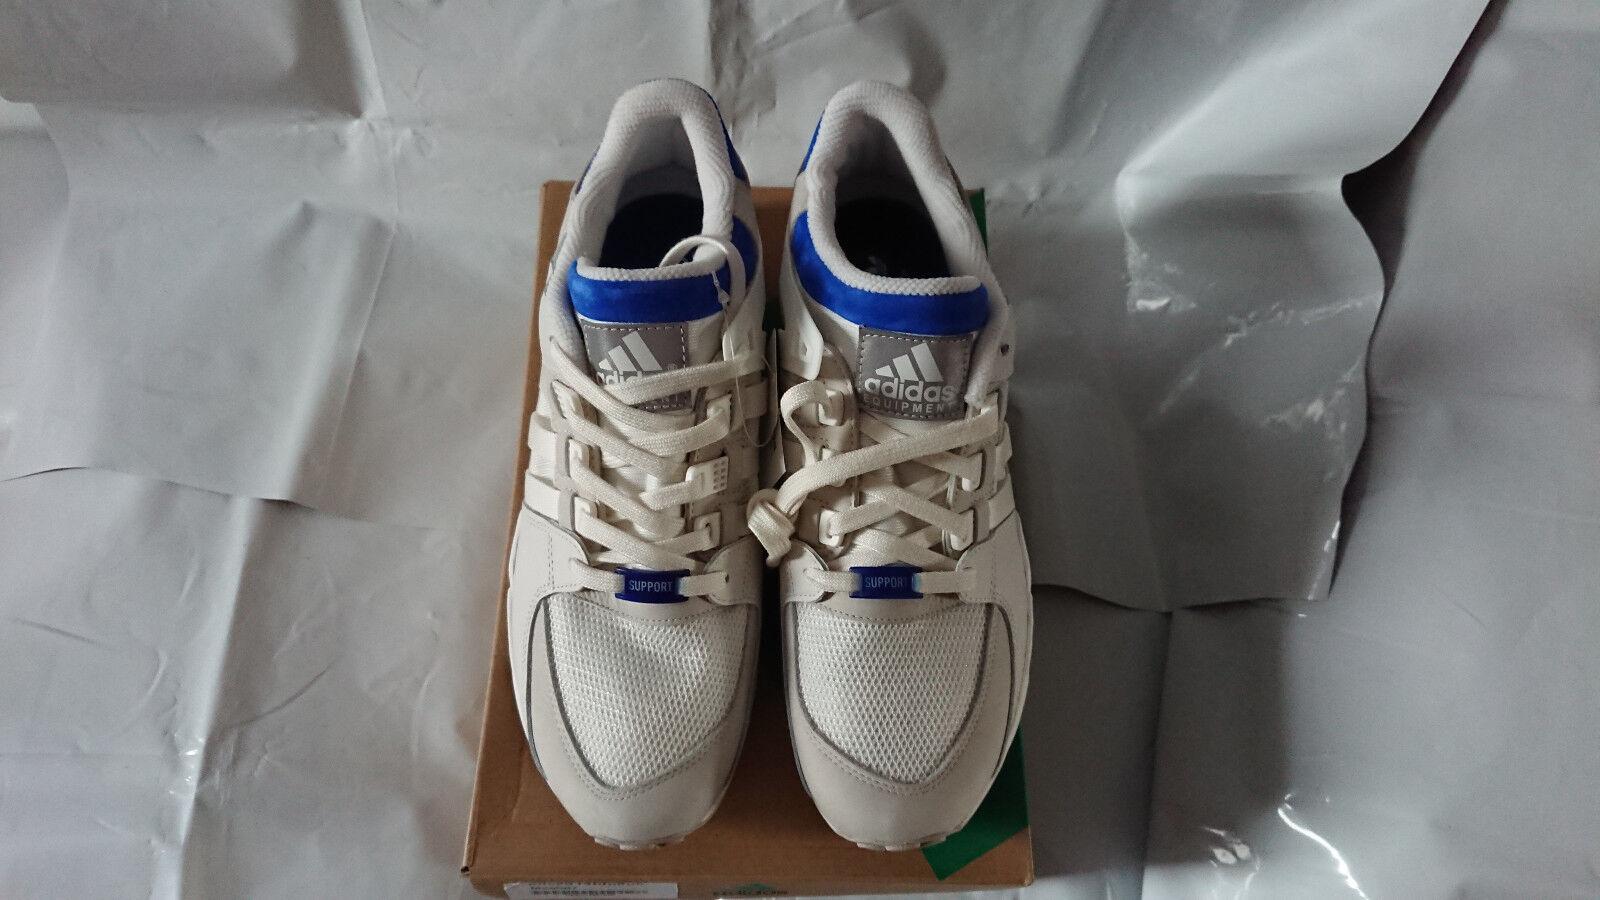 Adidas EQT 93 Pack.9 Consortium blanc Pack.9 93 BNIB blanc/Bleu 0f3340